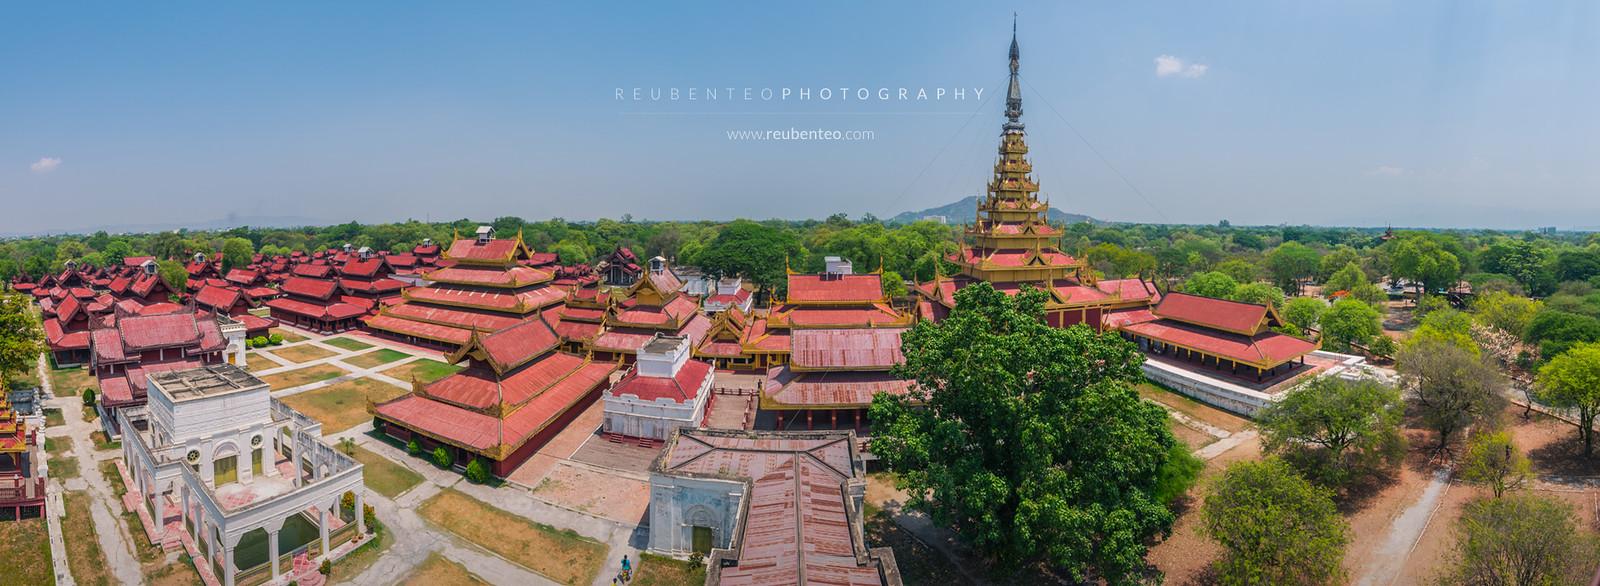 Mandalay Palace Interior